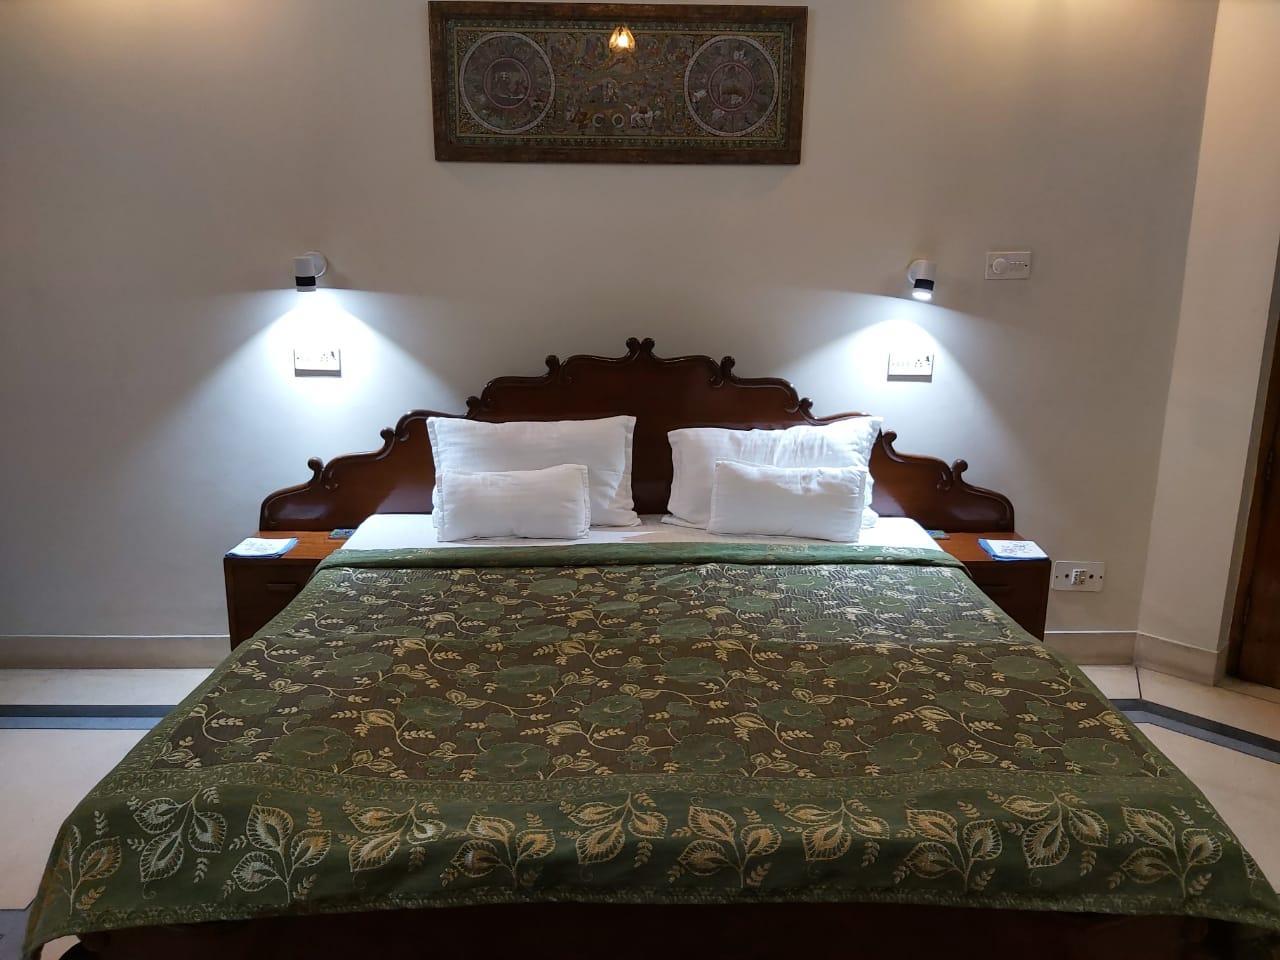 https://www.ogabnb.com/images/hotels/ie264b7x01gf4pac281j.jpeg